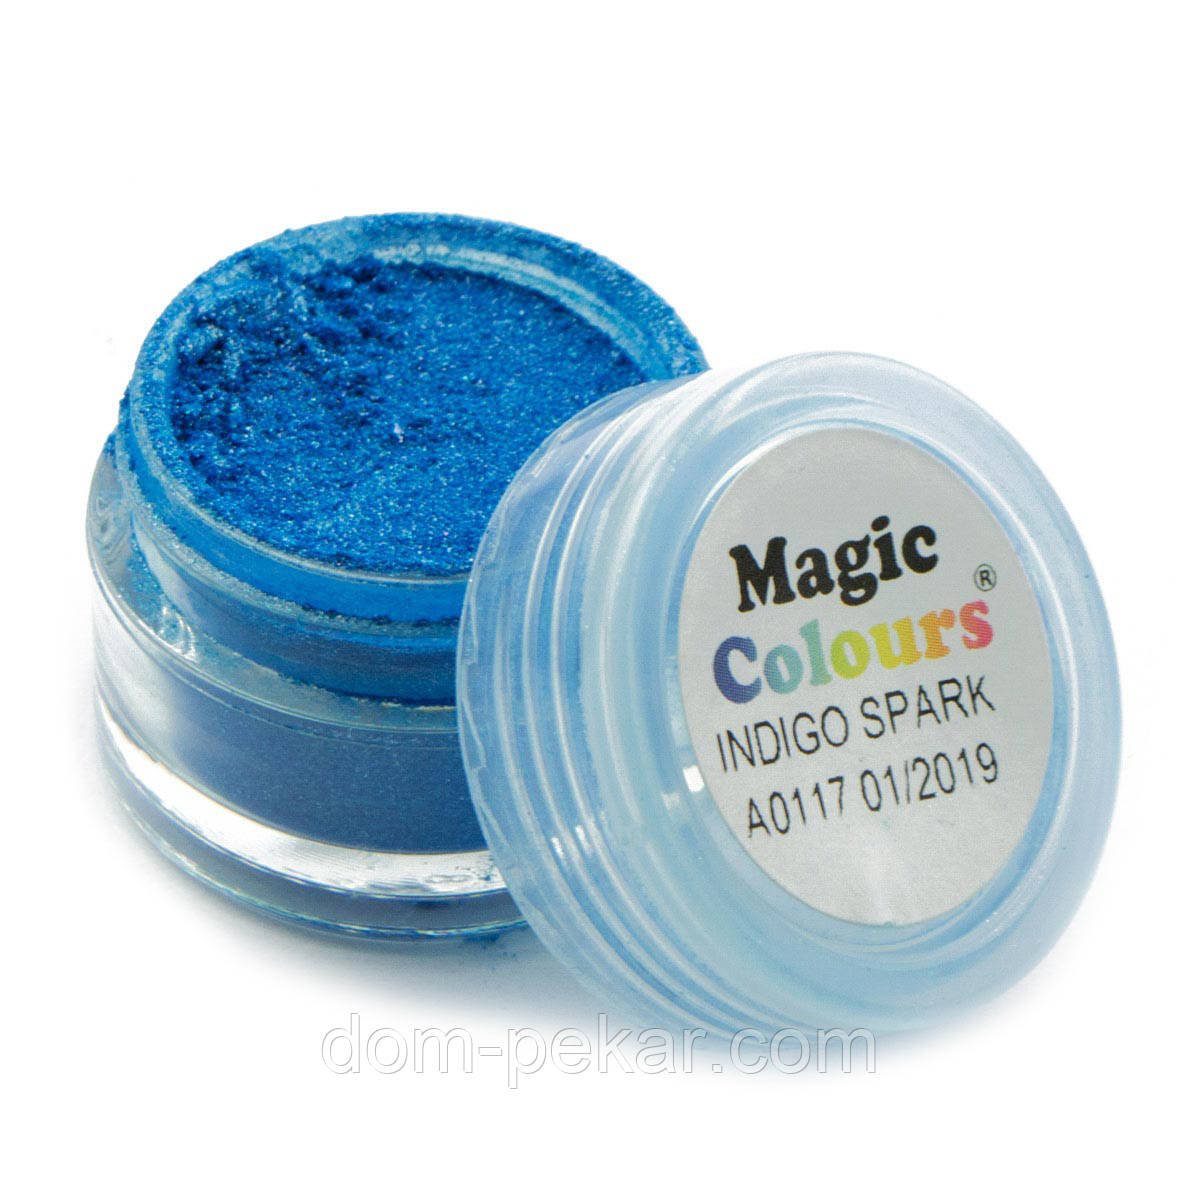 Пудра блестящая Индиго Синяя Magic Colours 7 мл